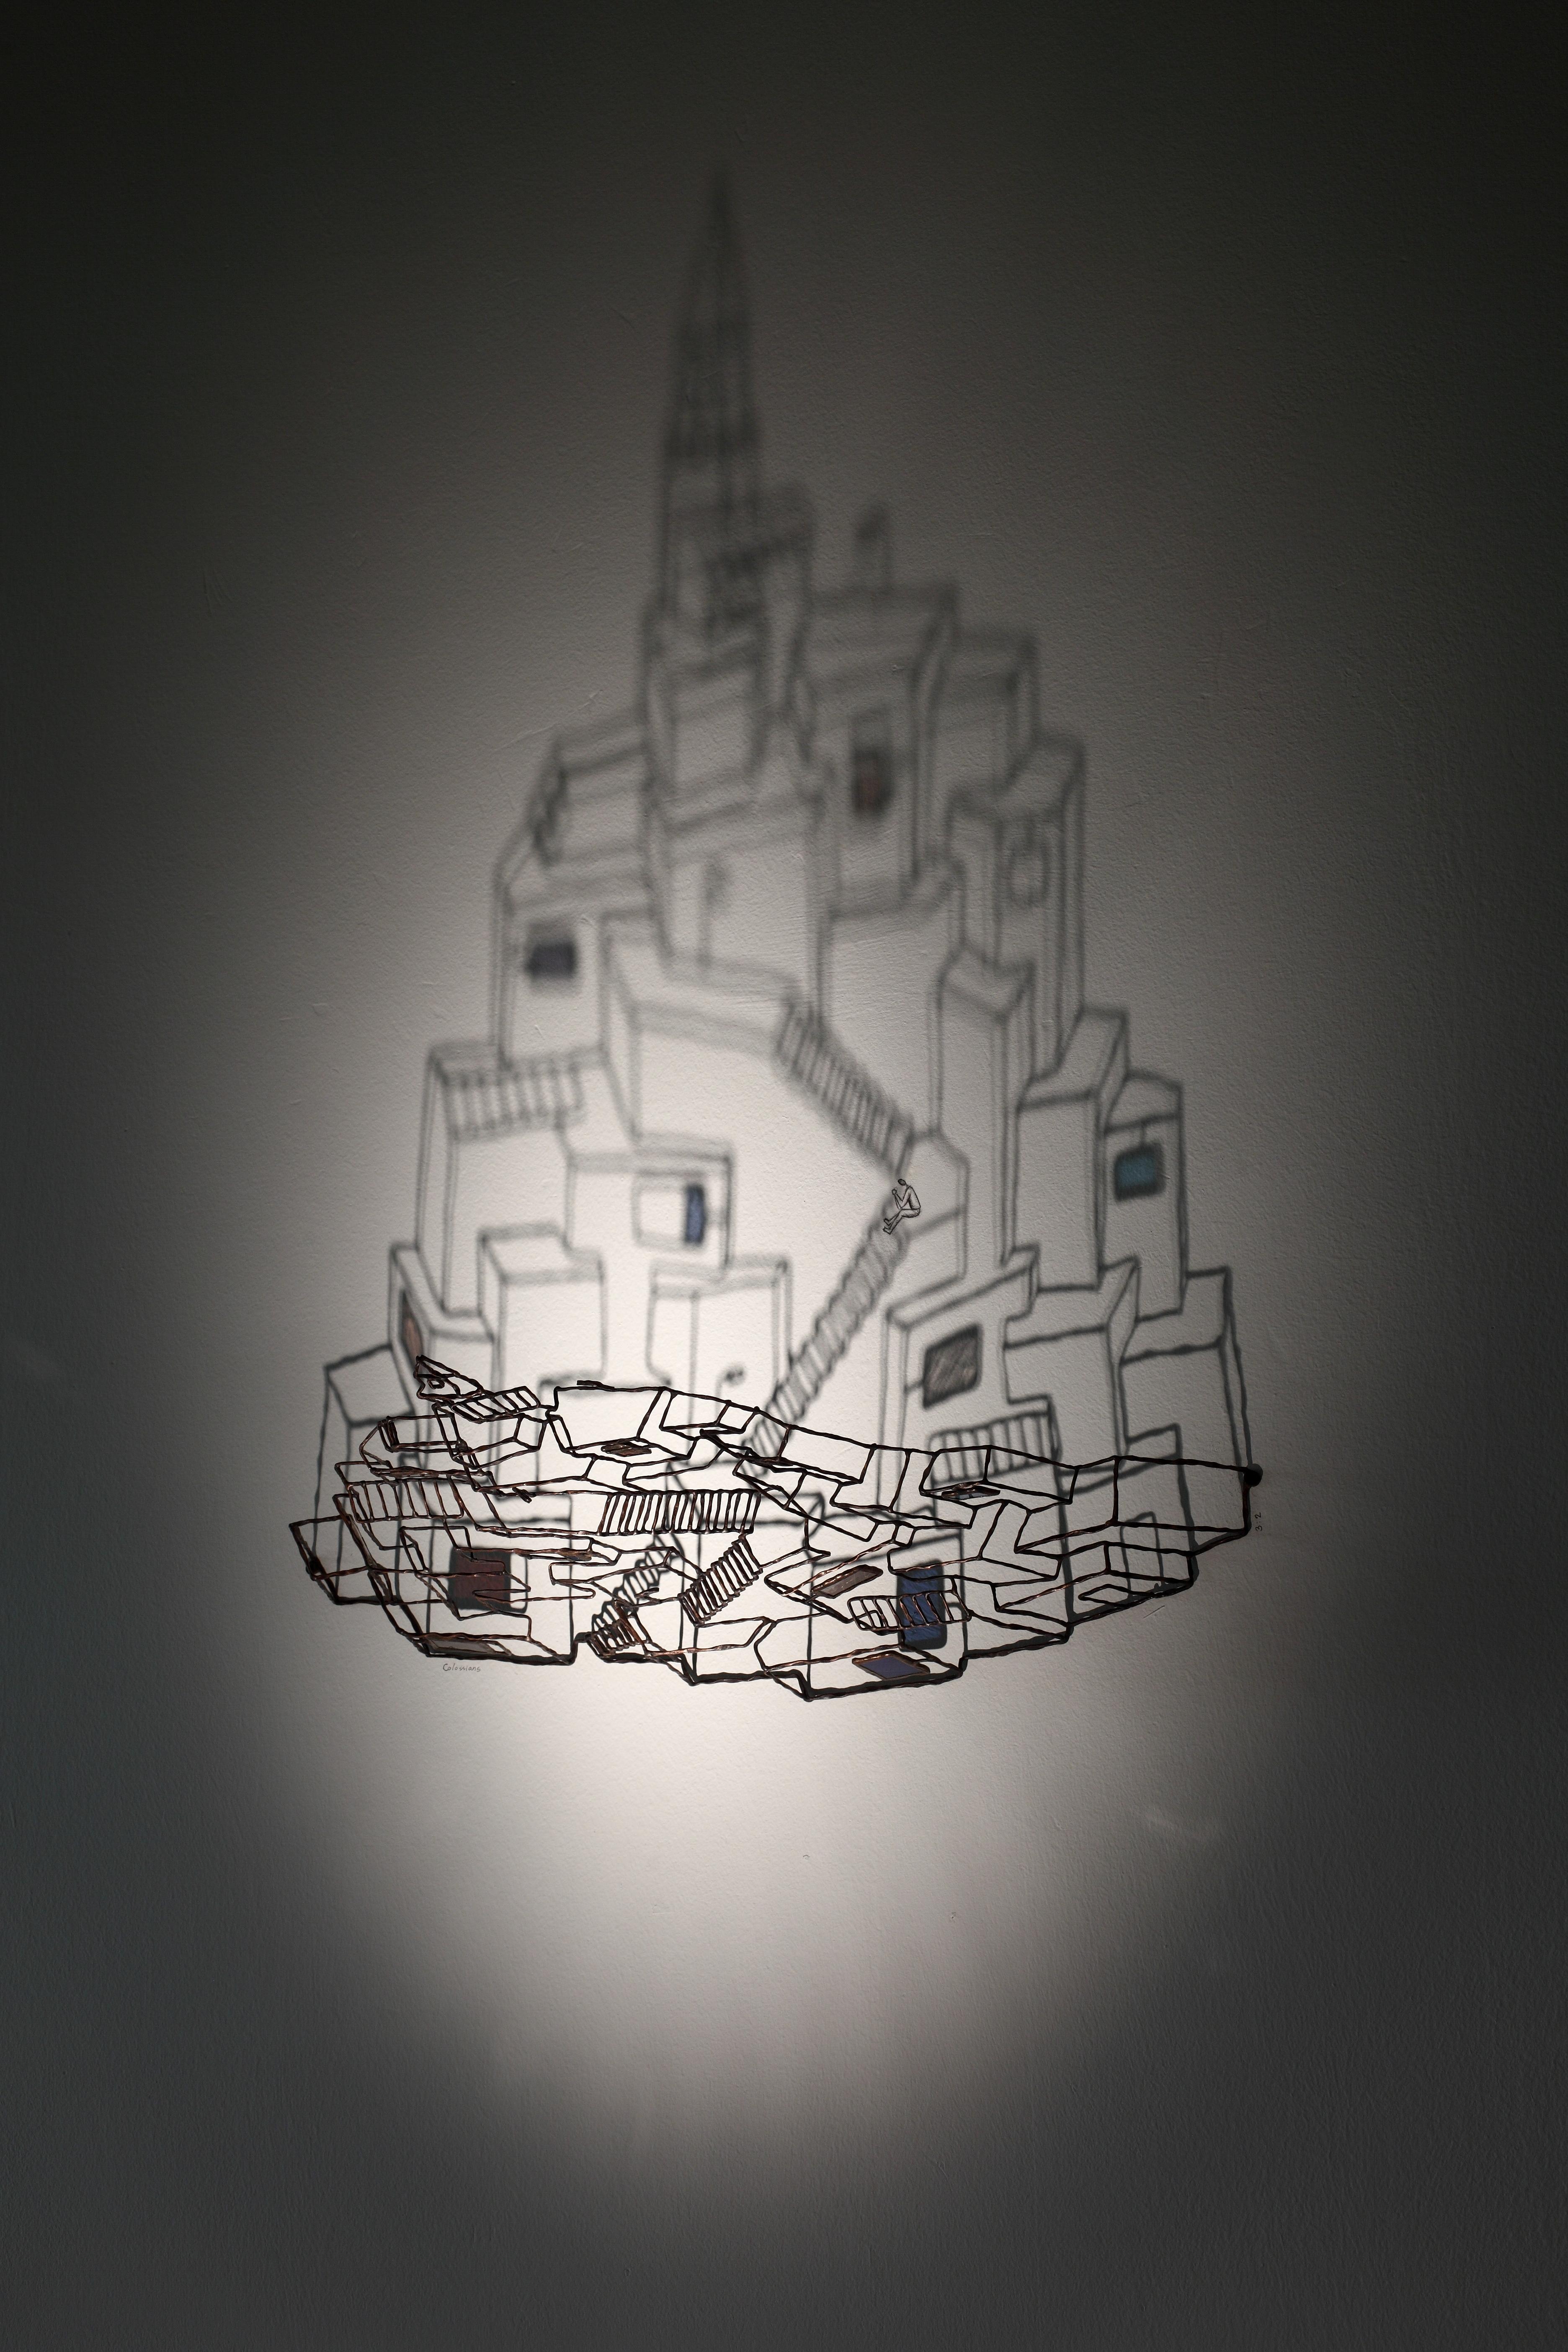 12. 호흡(breathing), 동선, 스테인드글라스, 그림자, 35×61×12cm, 2012